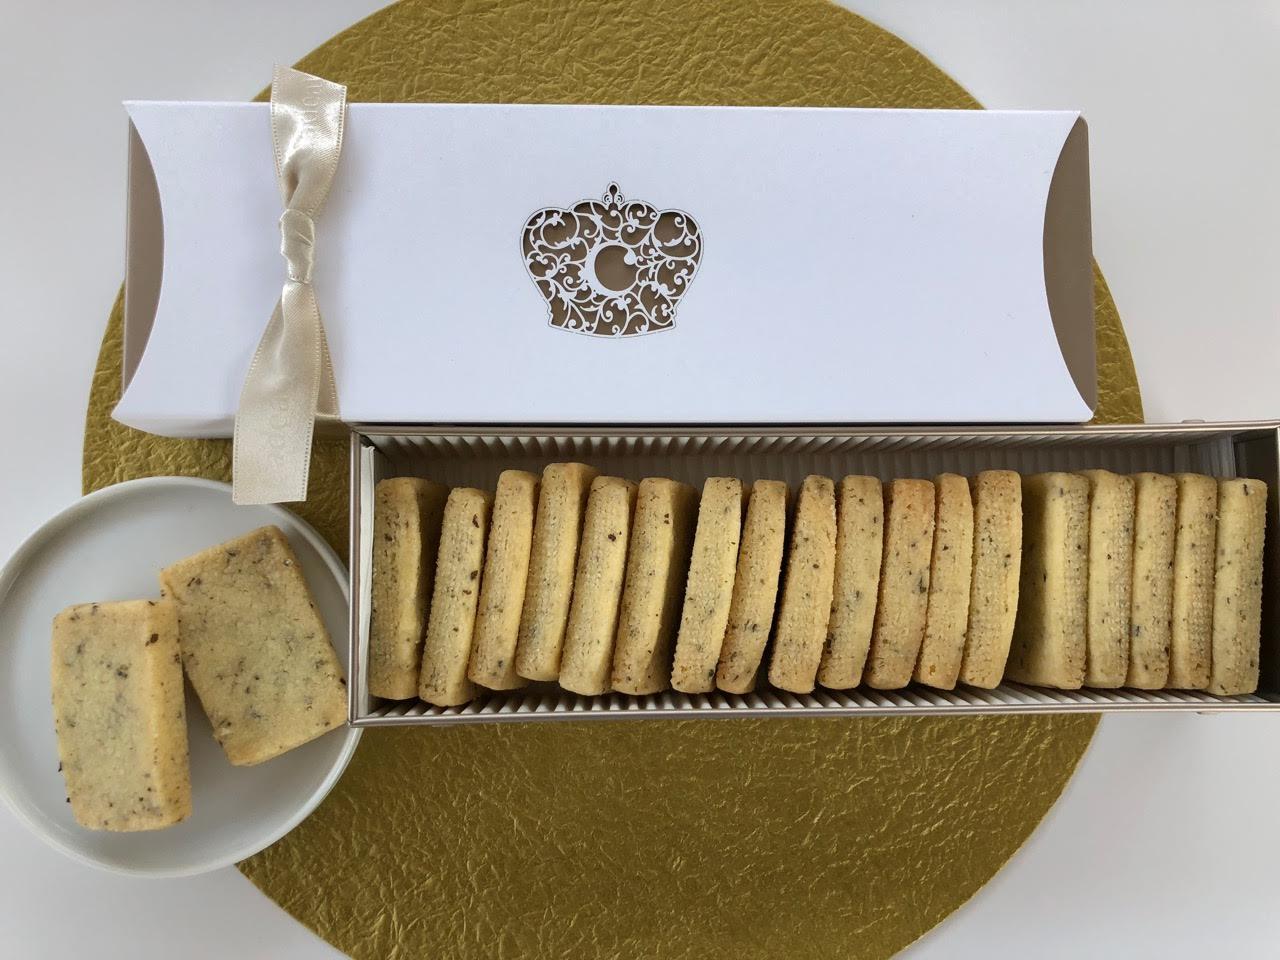 手土産 サブレ パティスリー・カドー バター ボルディエ